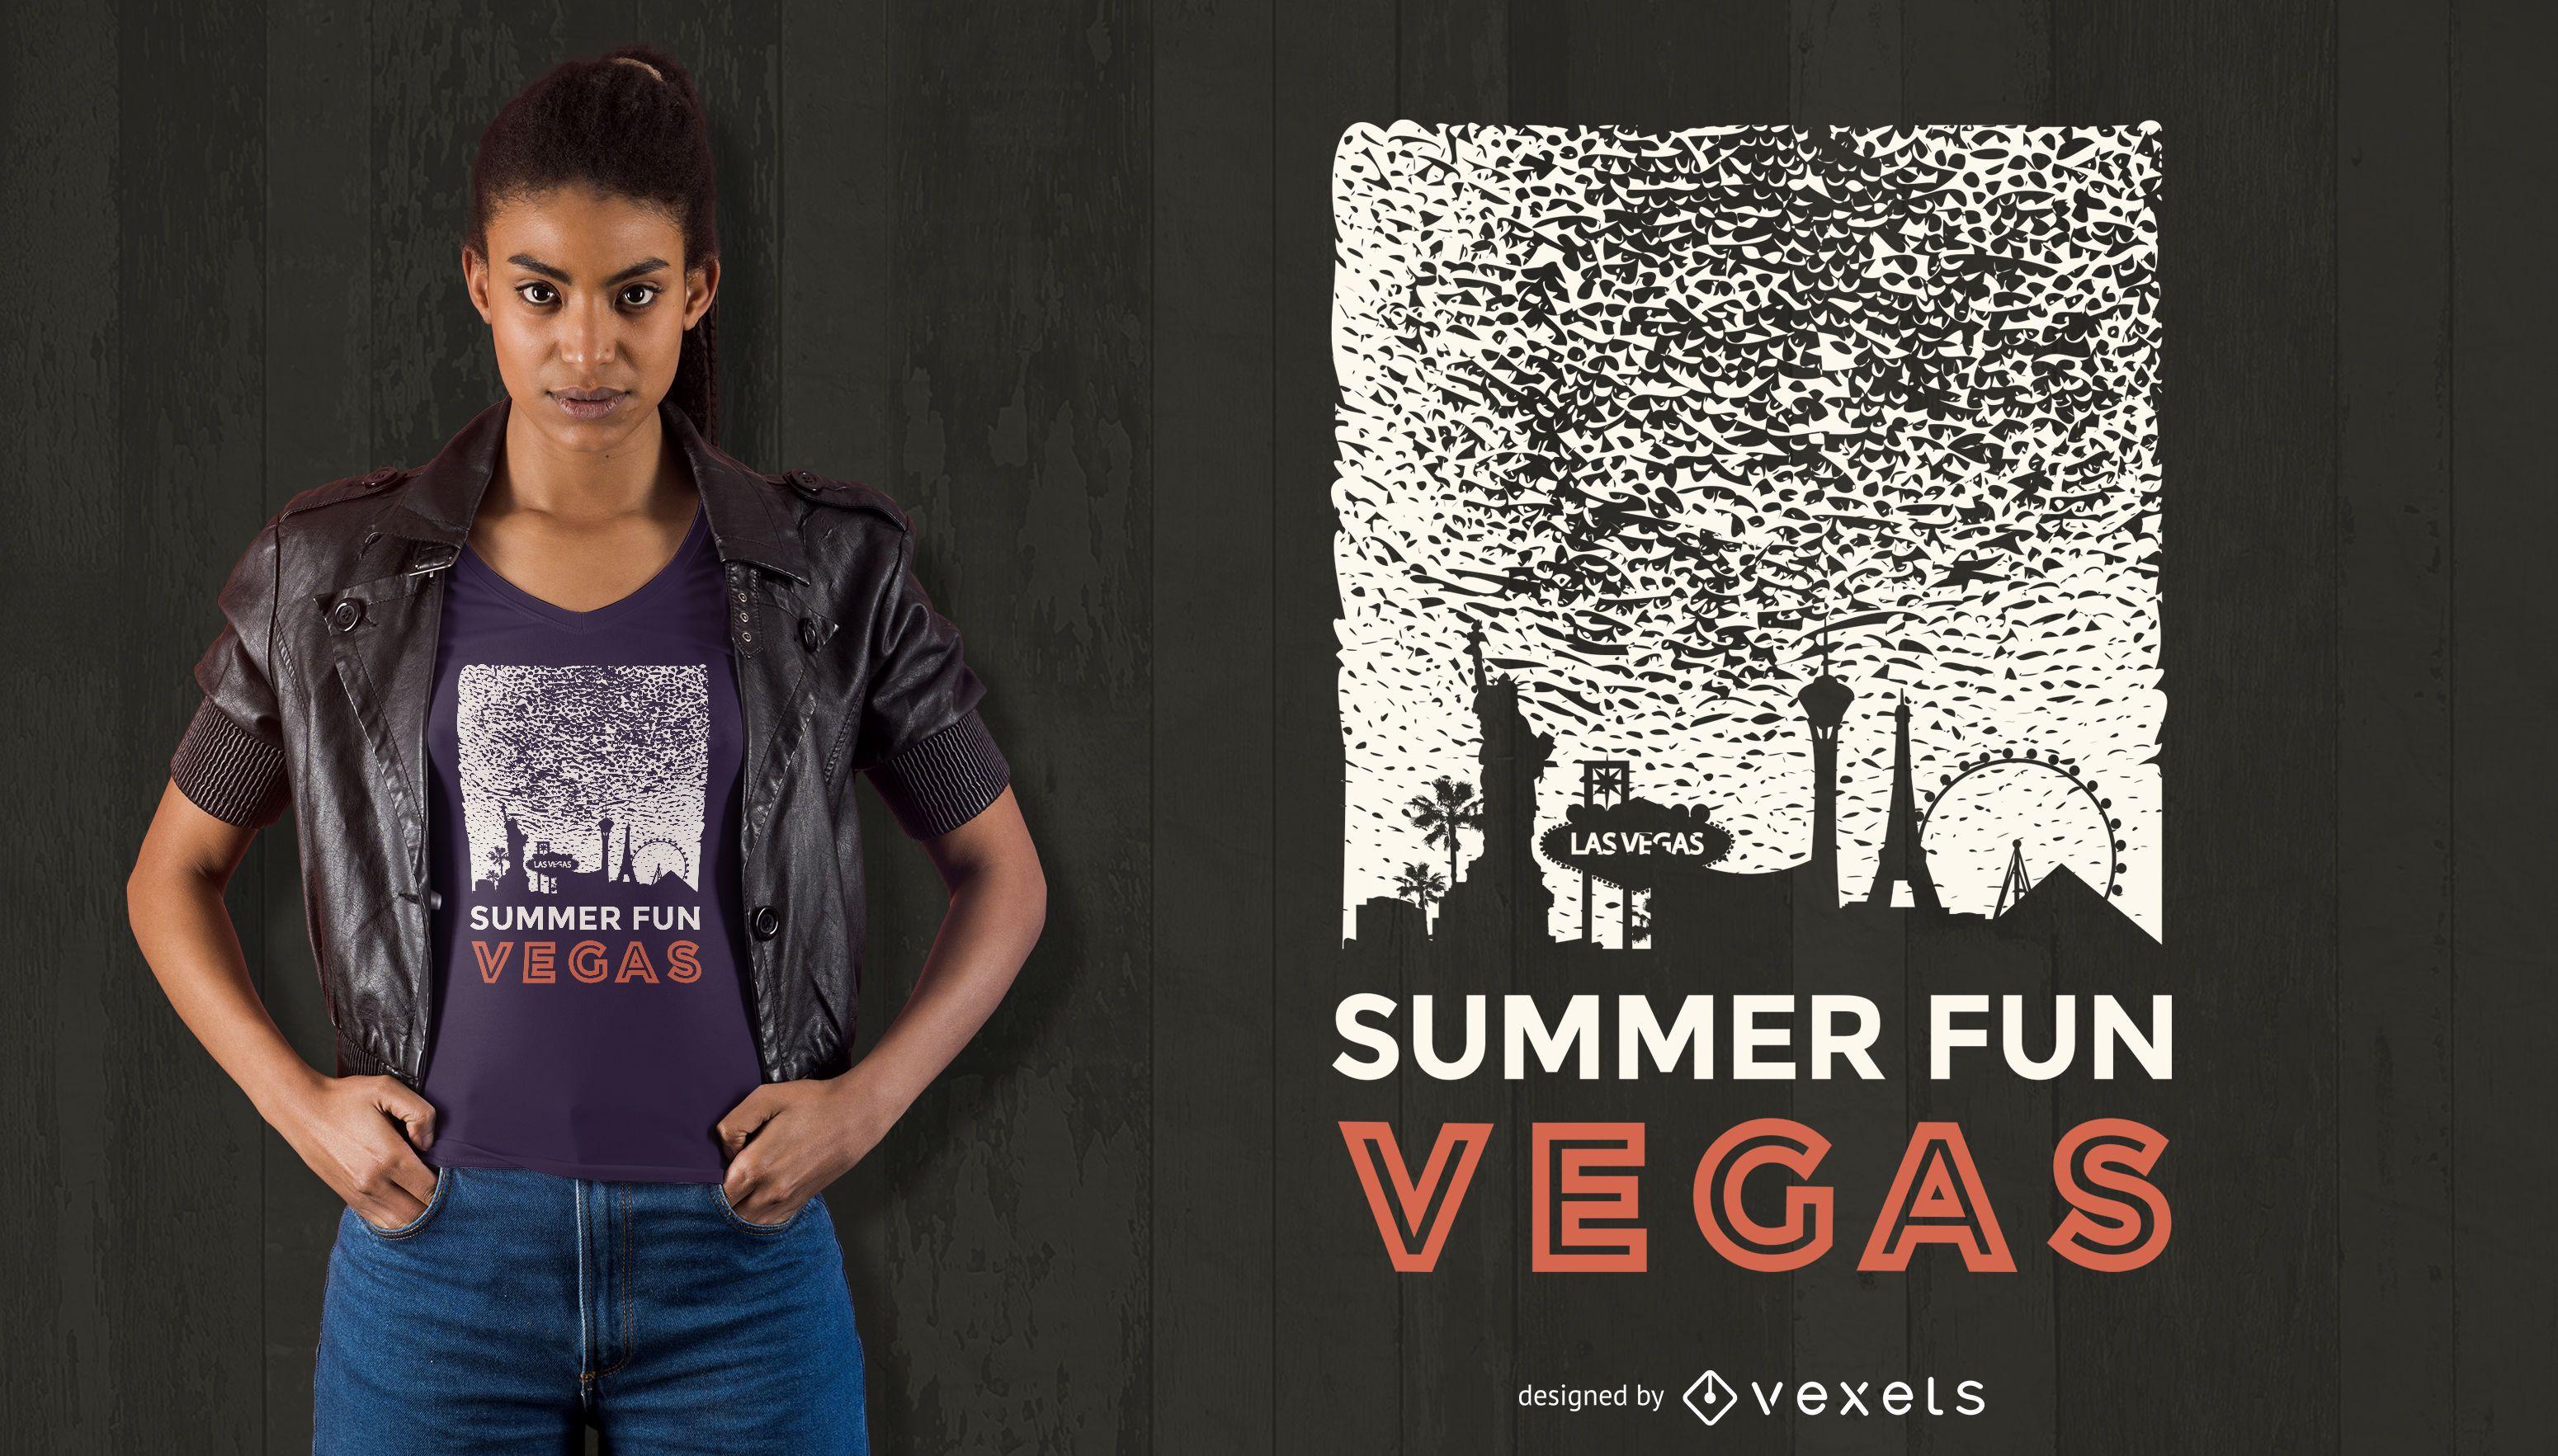 Summer fun vegas t-shirt design